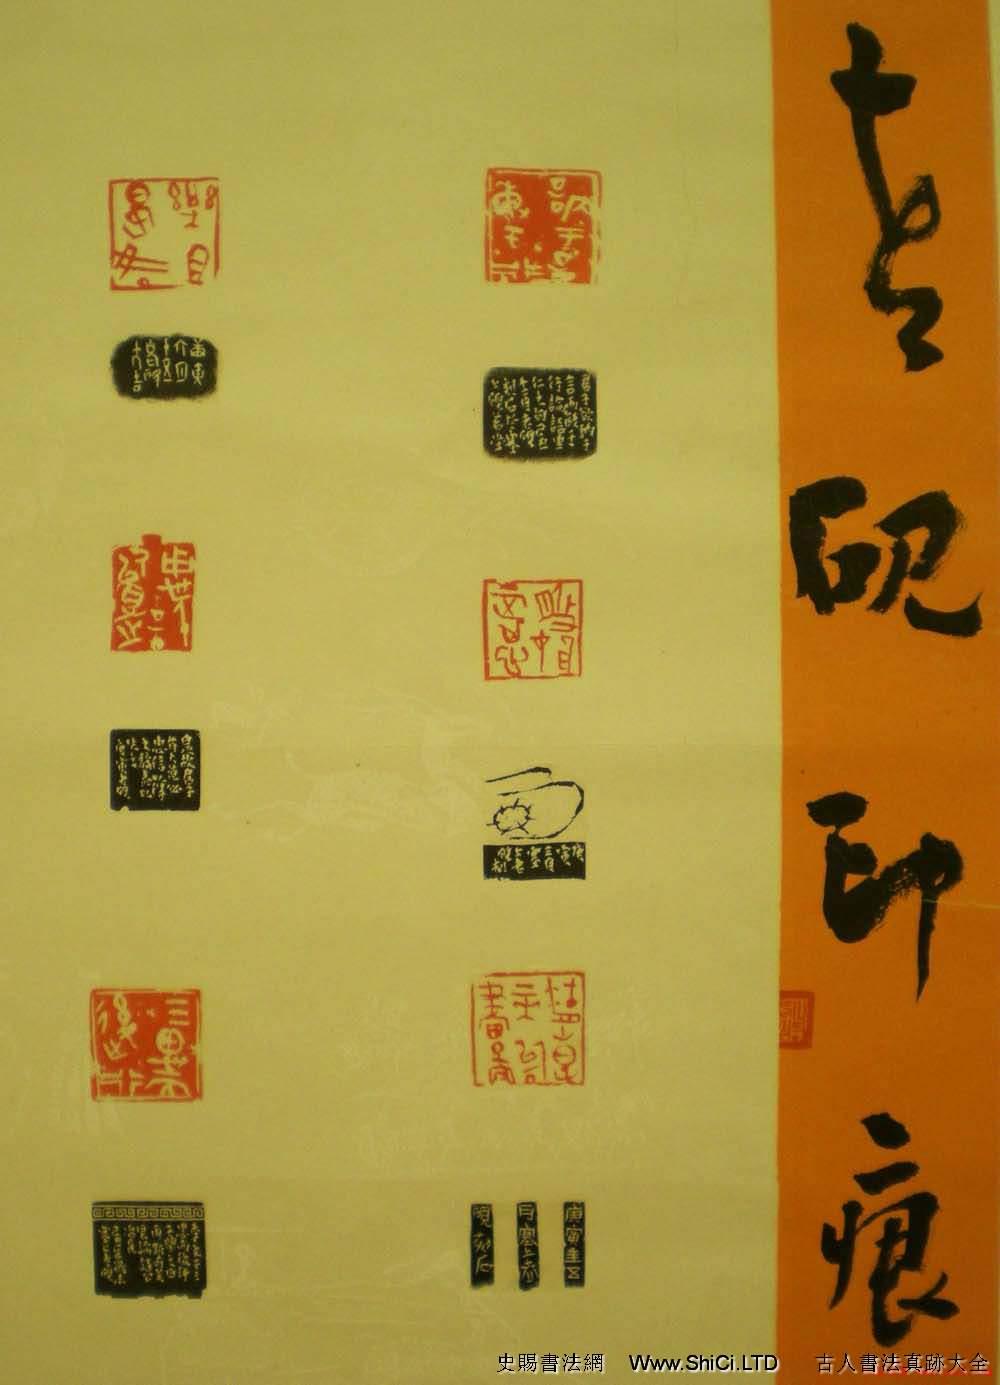 西泠印社第七屆評展篆刻作品真跡欣賞(二)(共22張圖片)